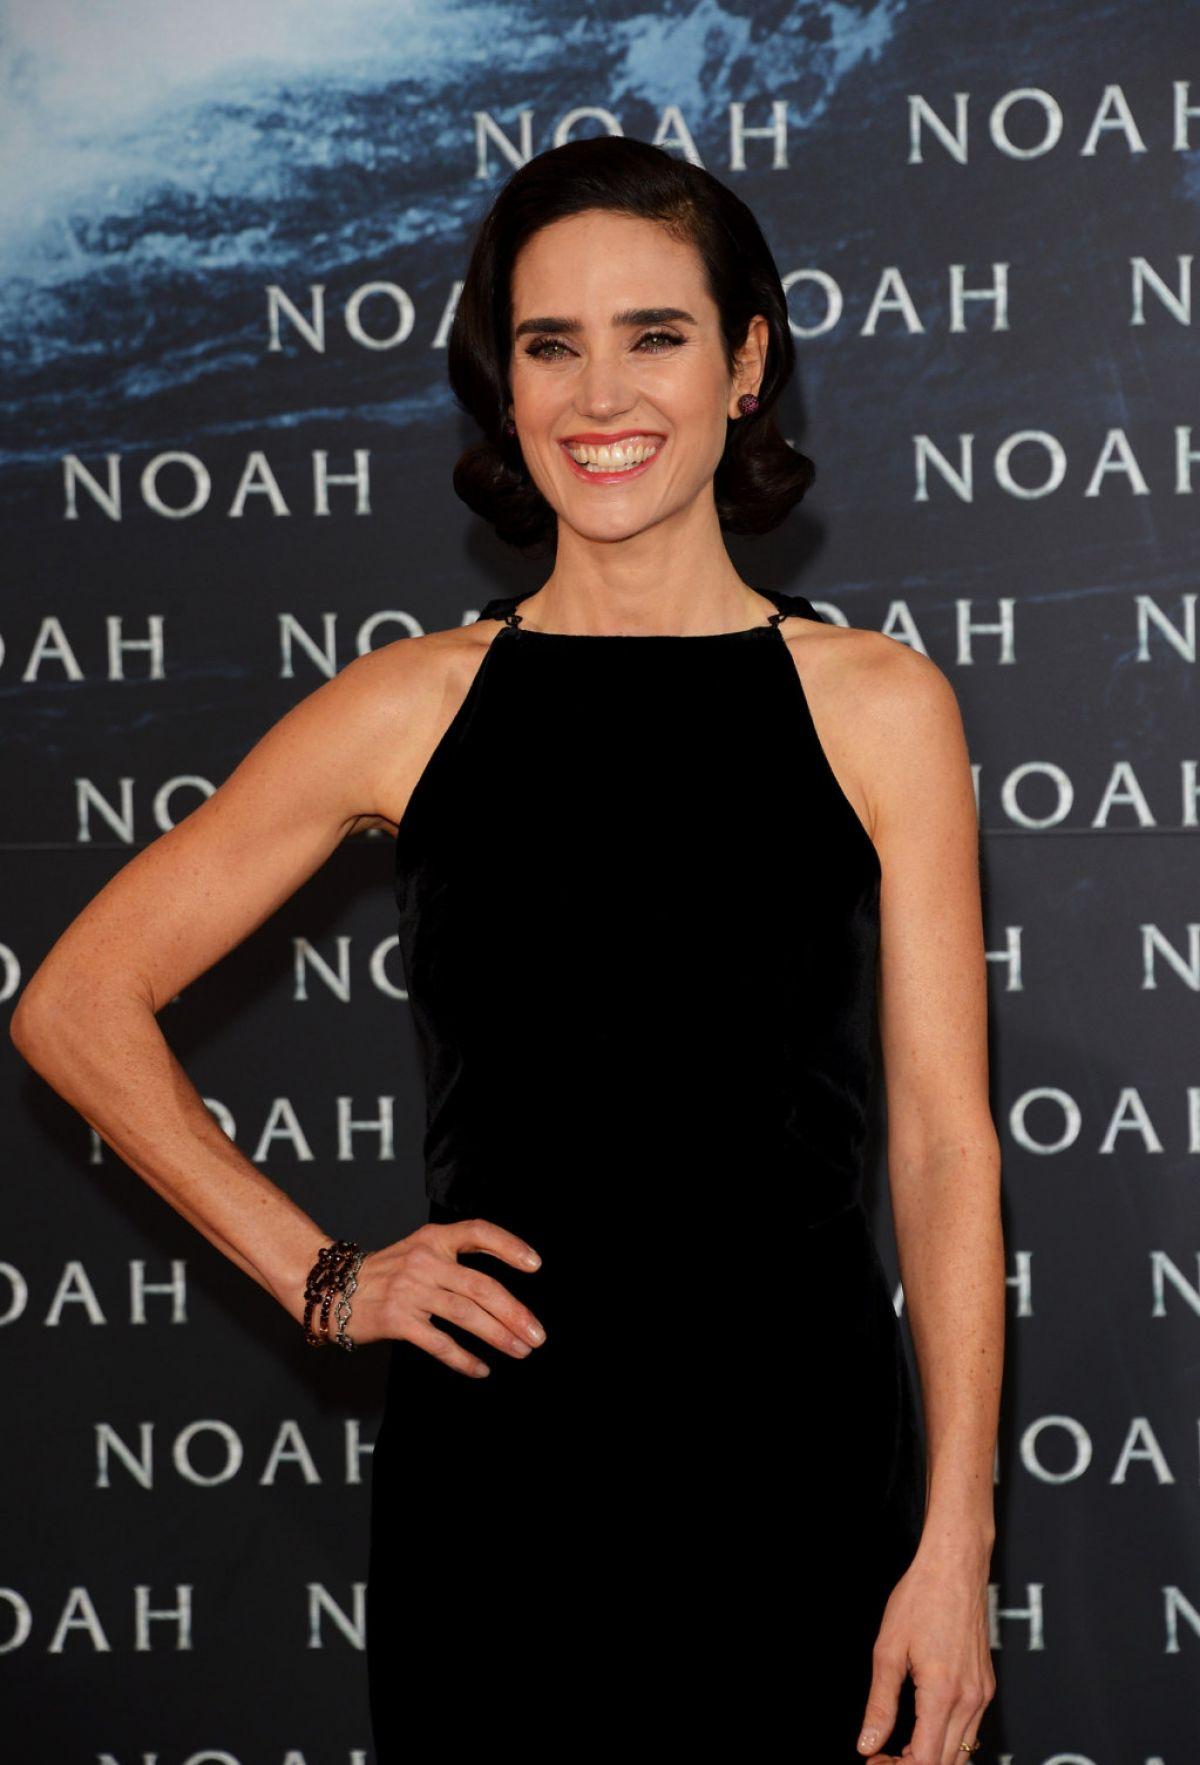 JENNIFER CONNELLY at Noah Premiere in Berlin